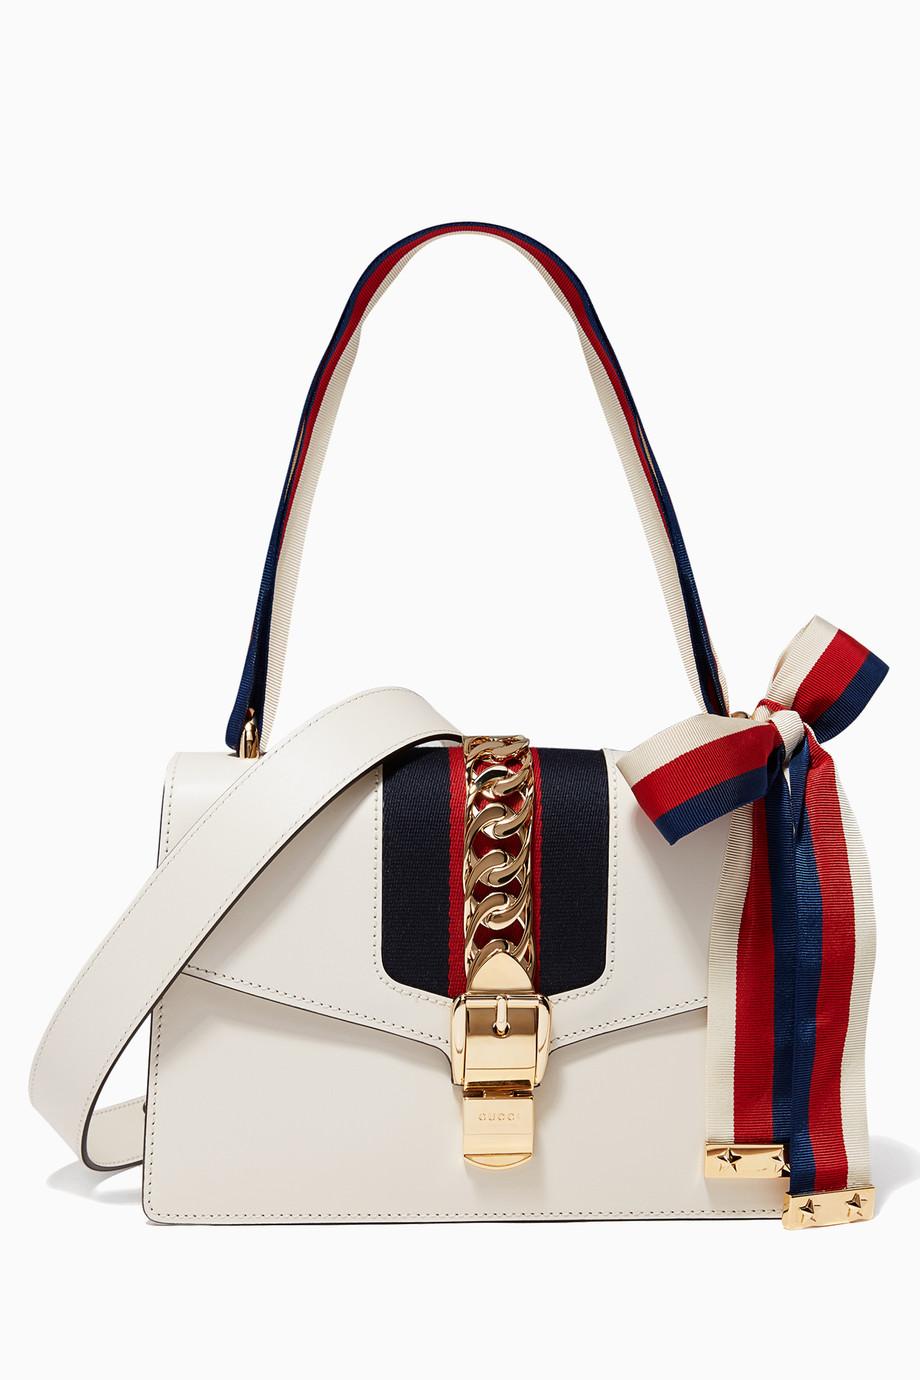 62d3c86b344 Shop Gucci Multicolour Off-White Small Sylvie Shoulder Bag for Women ...